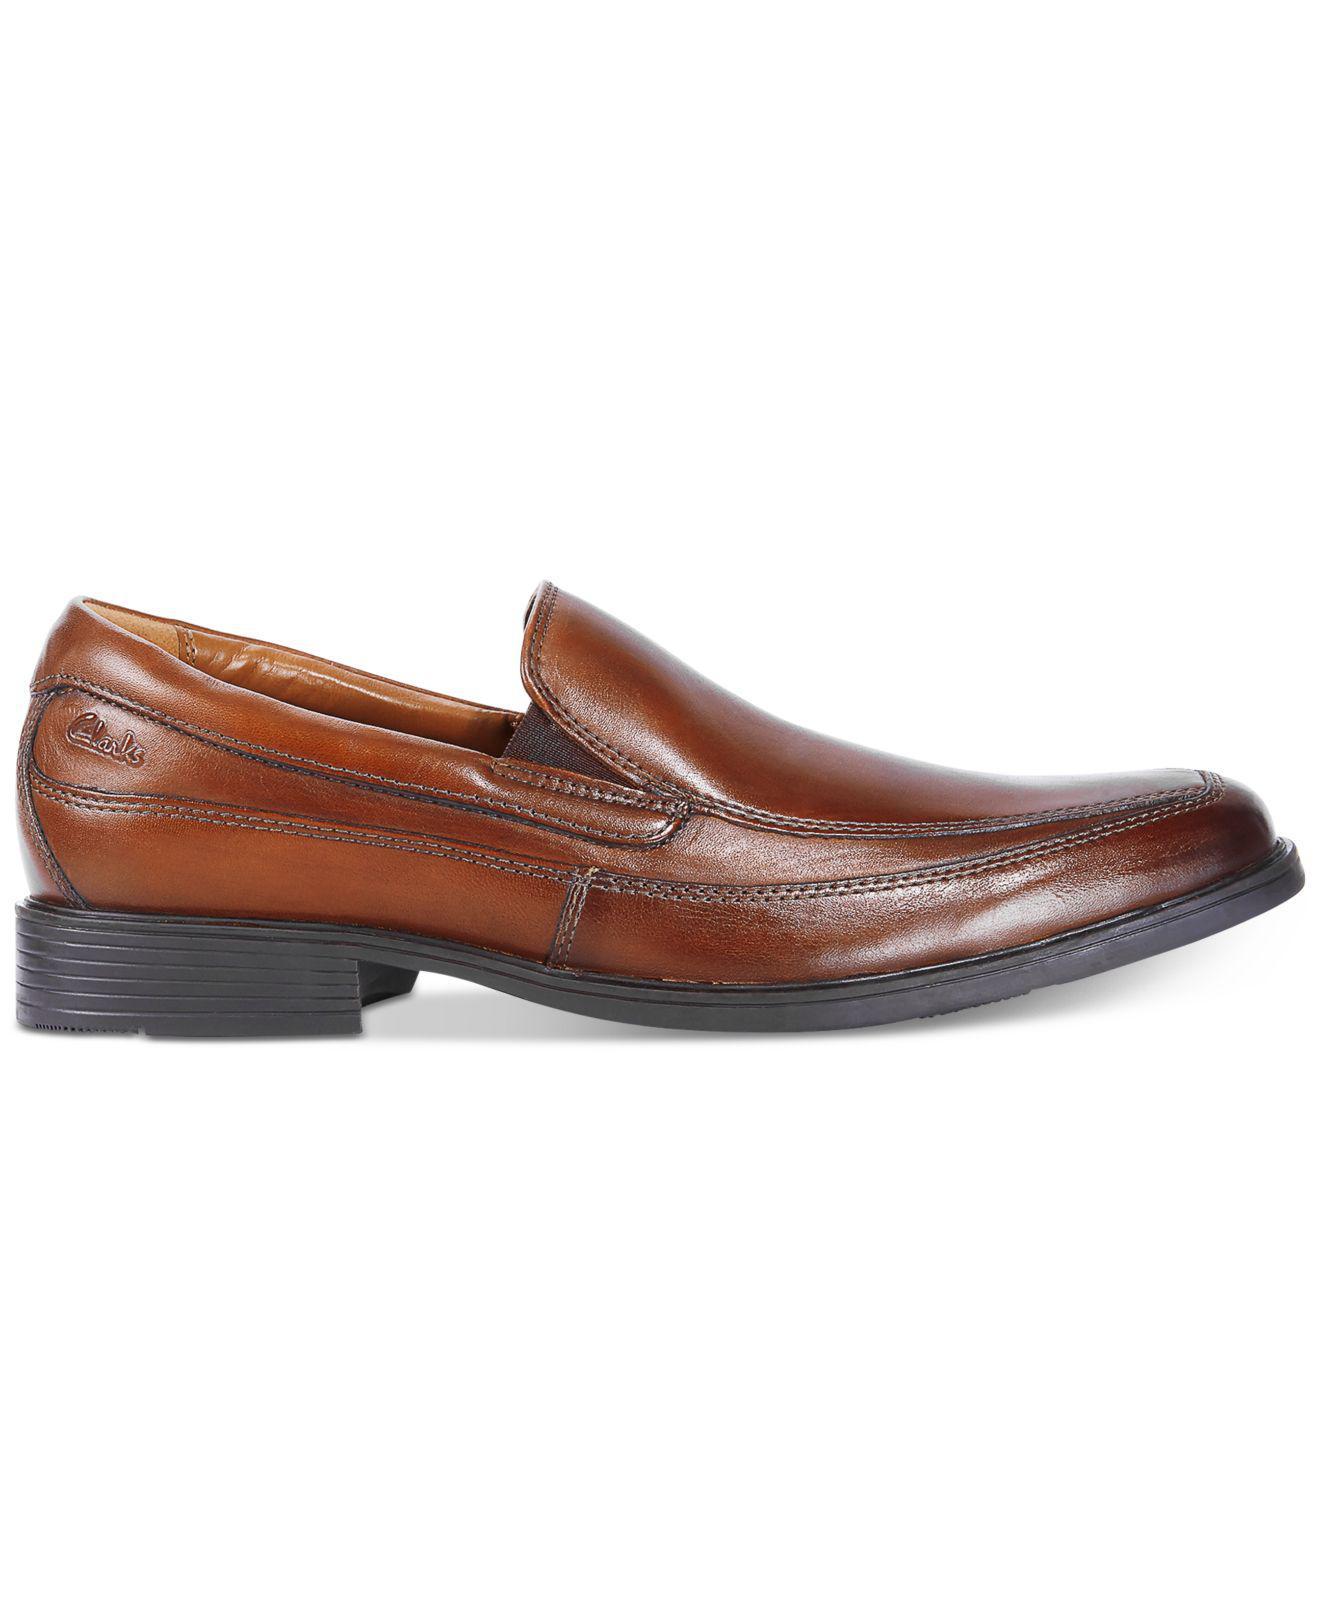 2ef89060157ef Lyst - Clarks Tilden Free Loafers in Brown for Men